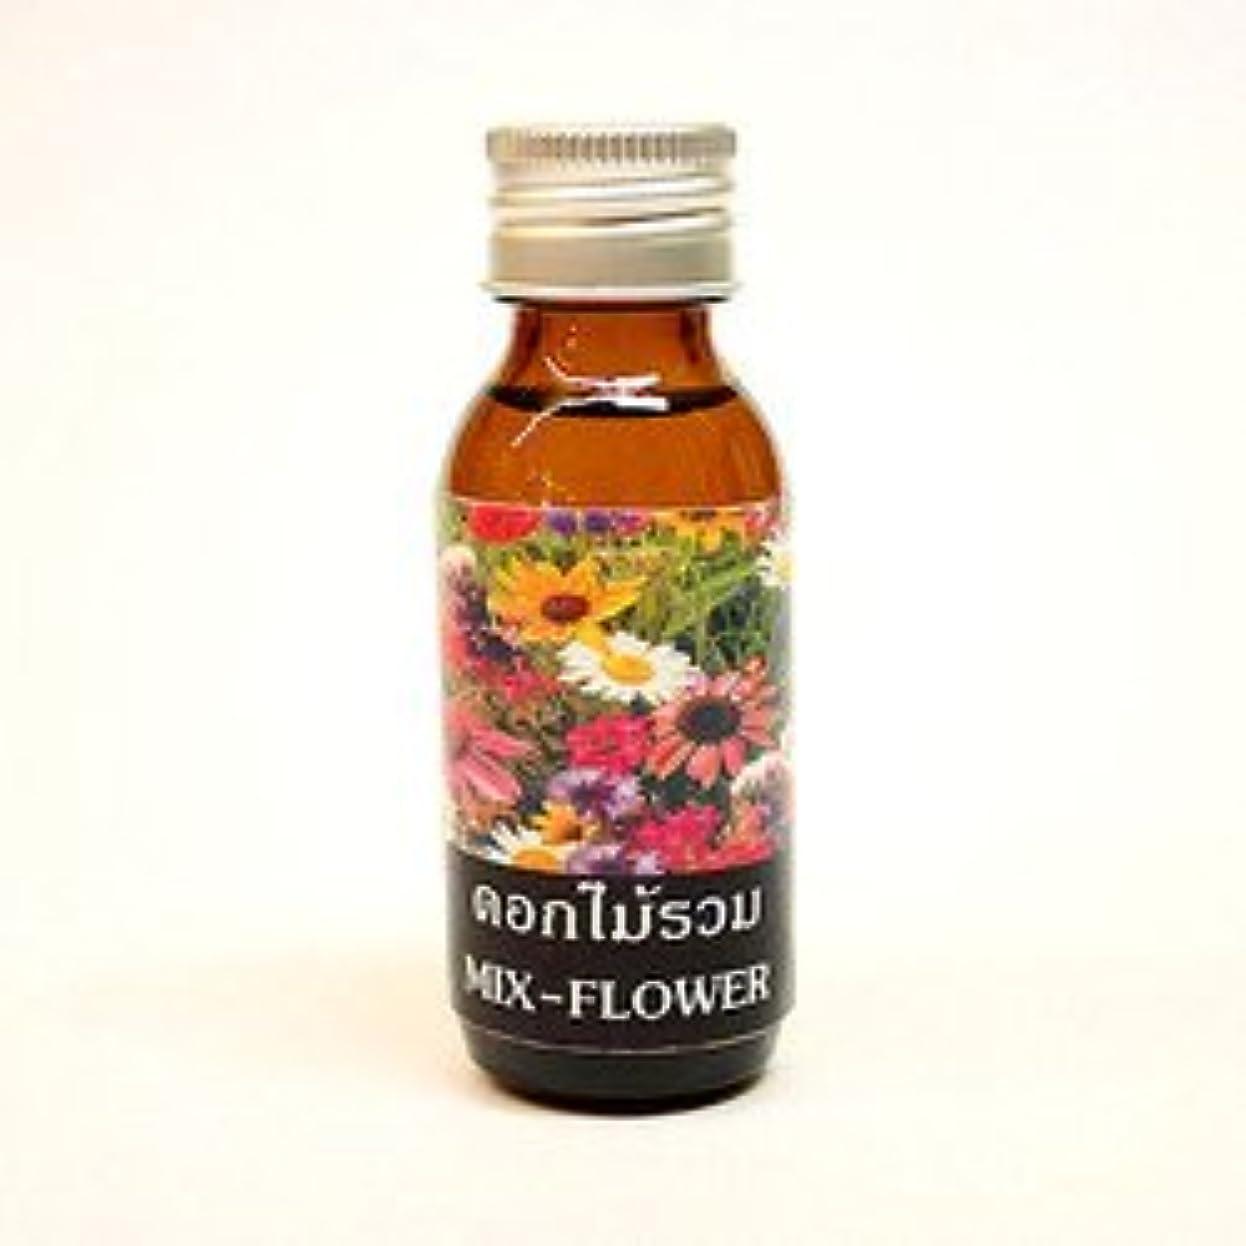 レイアウトシュートブーストミックスフラワー 〔Mix-Flower〕 アロマテラピーオイル 30ml アジアン雑貨